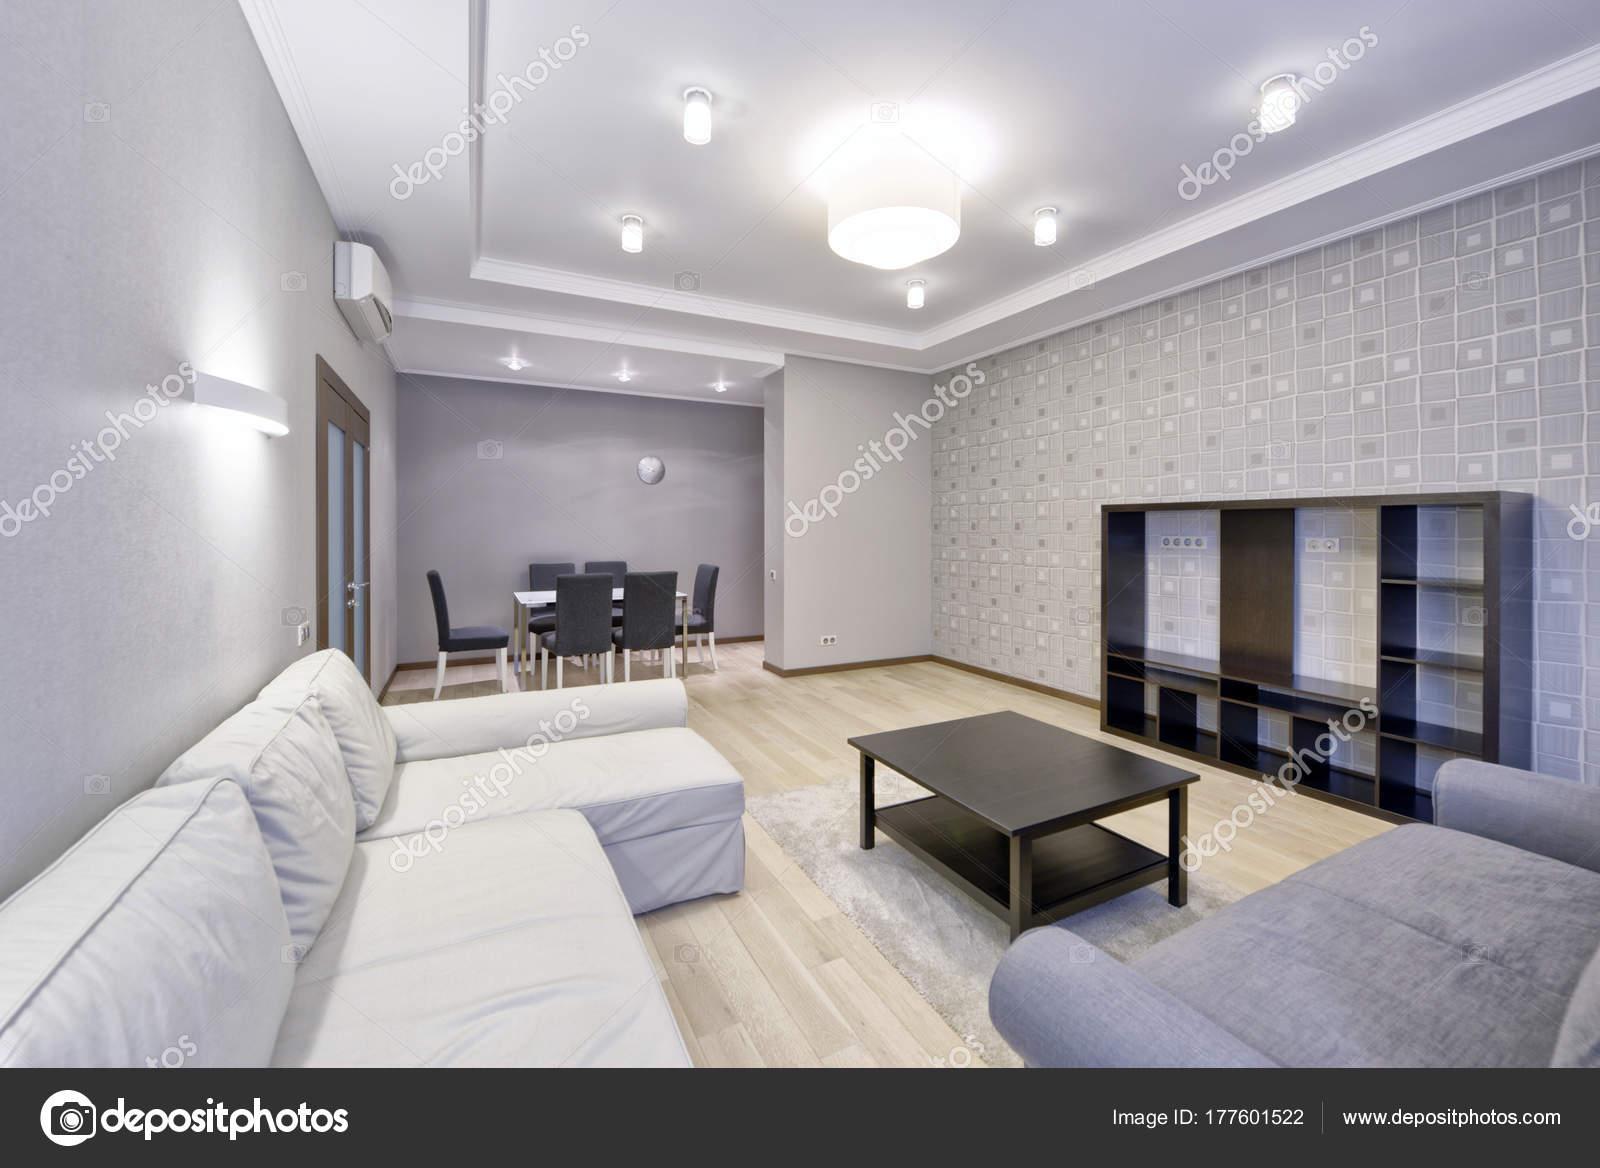 Russland Moskau Moderne Innenraum Gestaltung Städtischer Immobilien ...